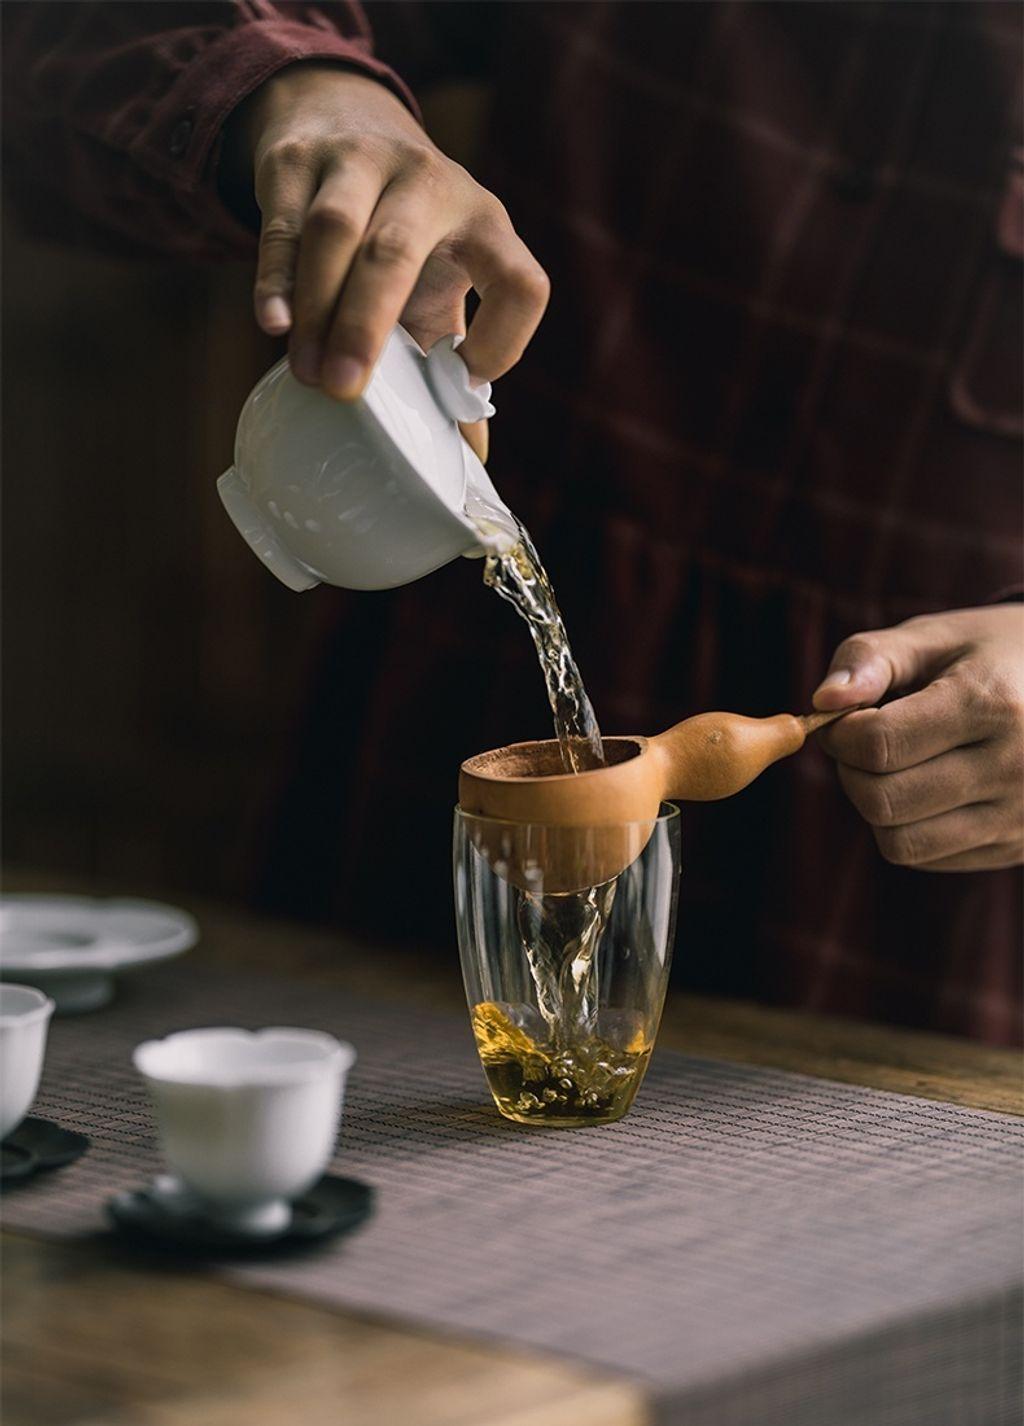 玉蘭花型甜白蓋碗3-3.jpg